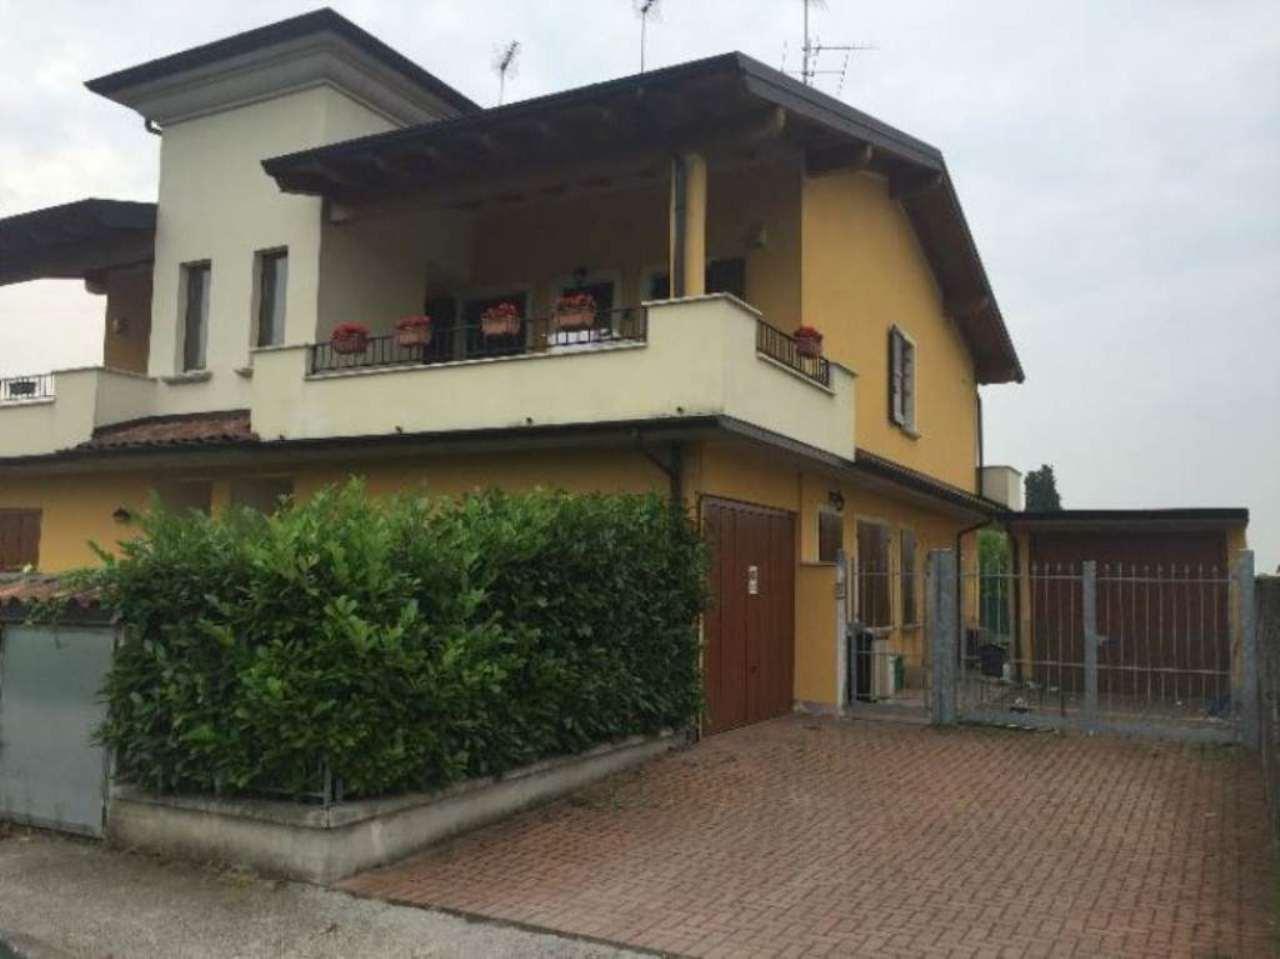 Appartamento in vendita a Sospiro, 3 locali, prezzo € 115.000 | Cambio Casa.it